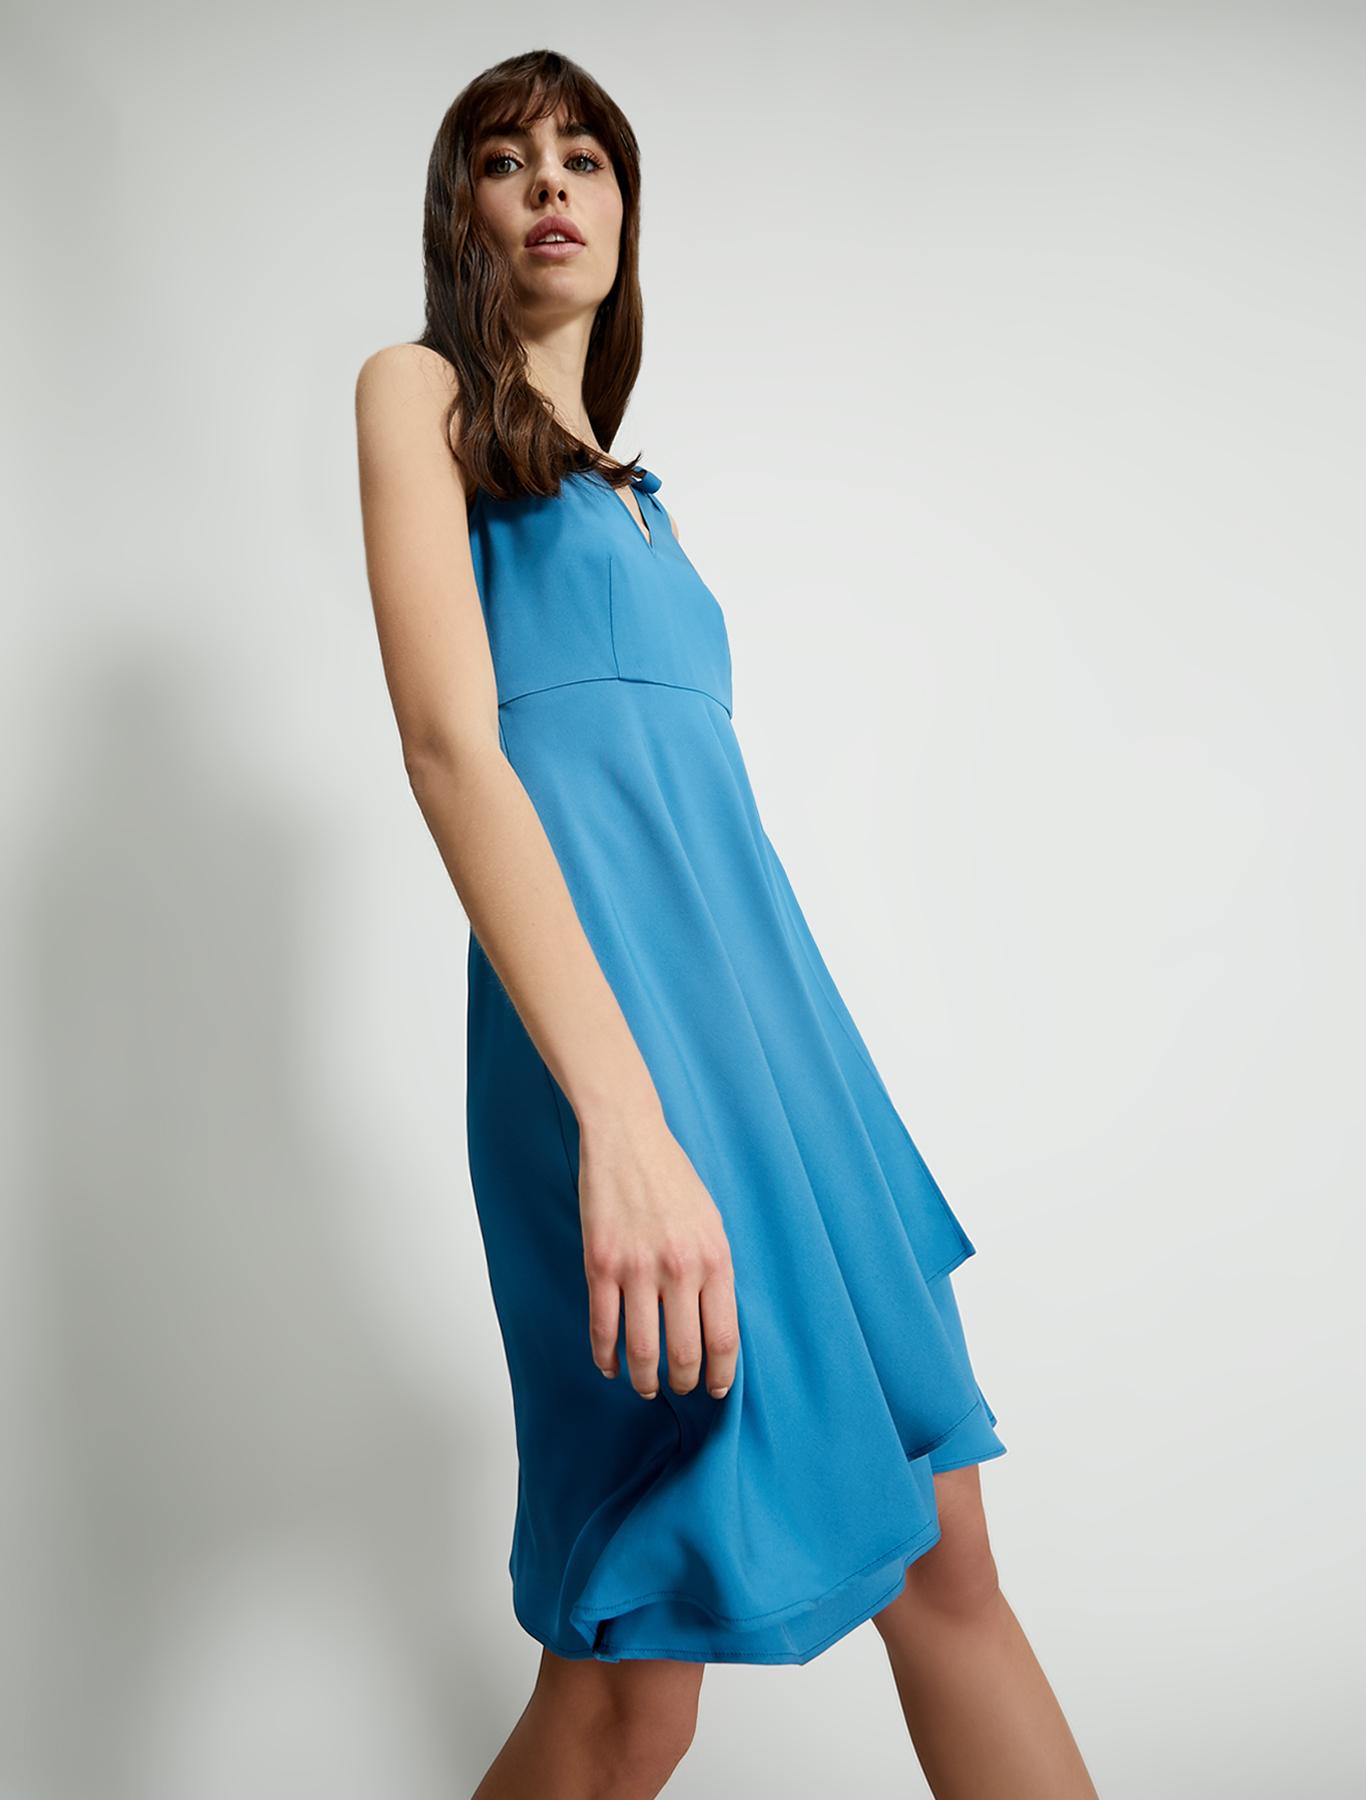 Cady dress with flounce - china blue - pennyblack